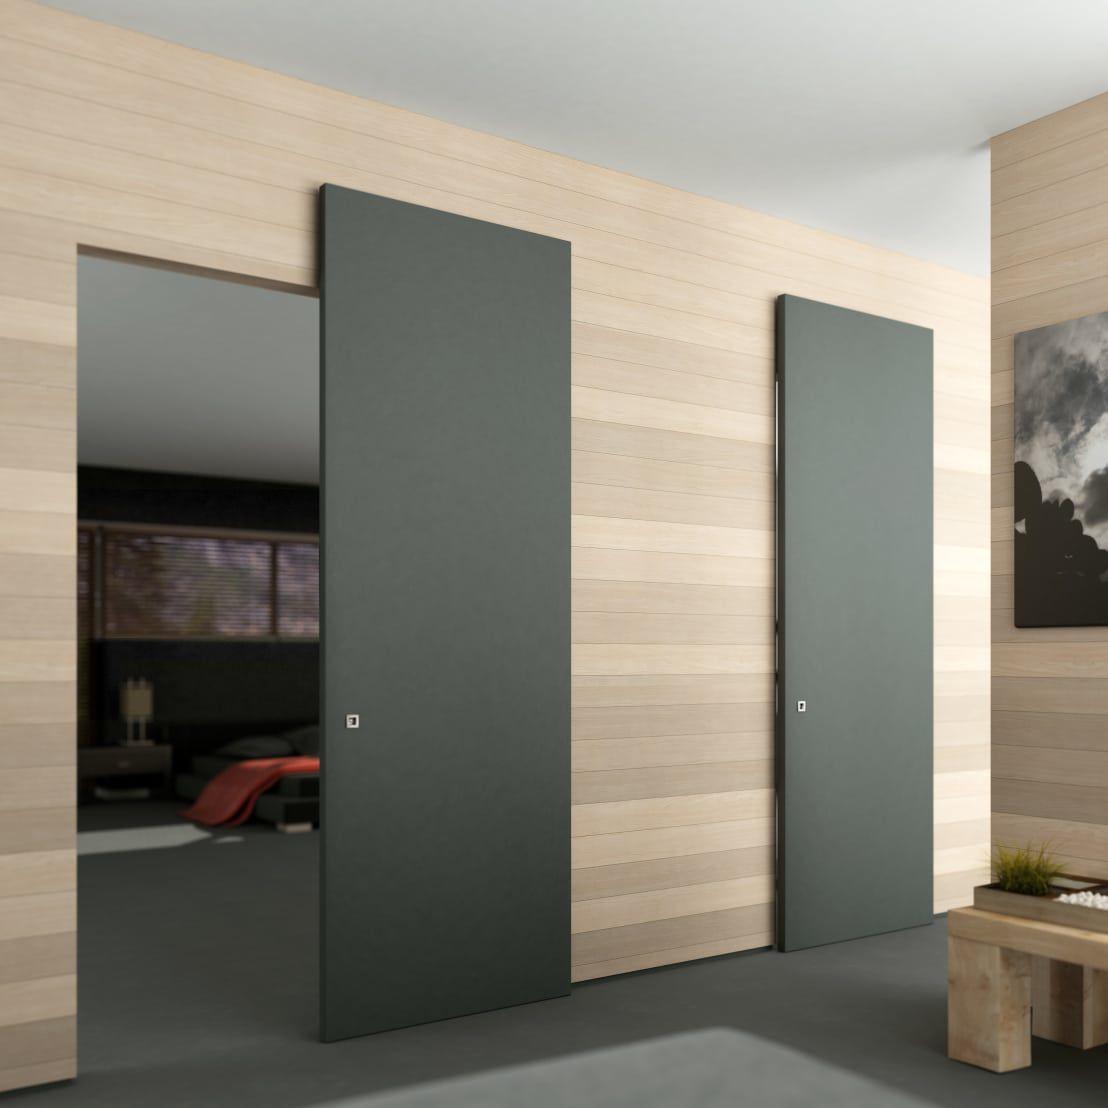 Porta Scorrevole Con Binario Esterno soluzione scorrevole esterno parete senza binario a vista by